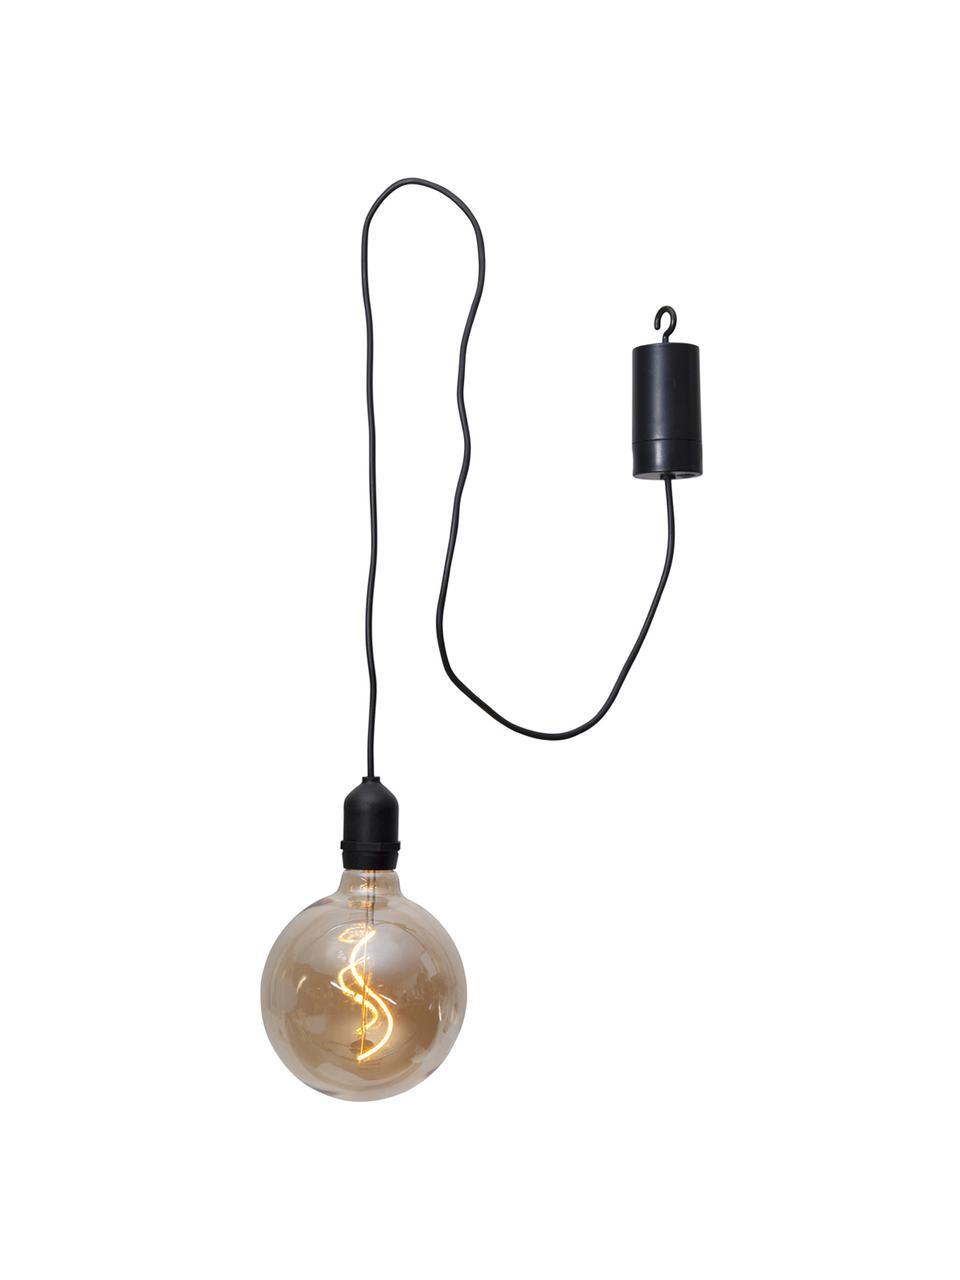 Mobile Hängelampe Bowl mit Timer, Lampenschirm: Glas, Bernsteinfarben, transparent, Schwarz, Ø 13 x H 18 cm